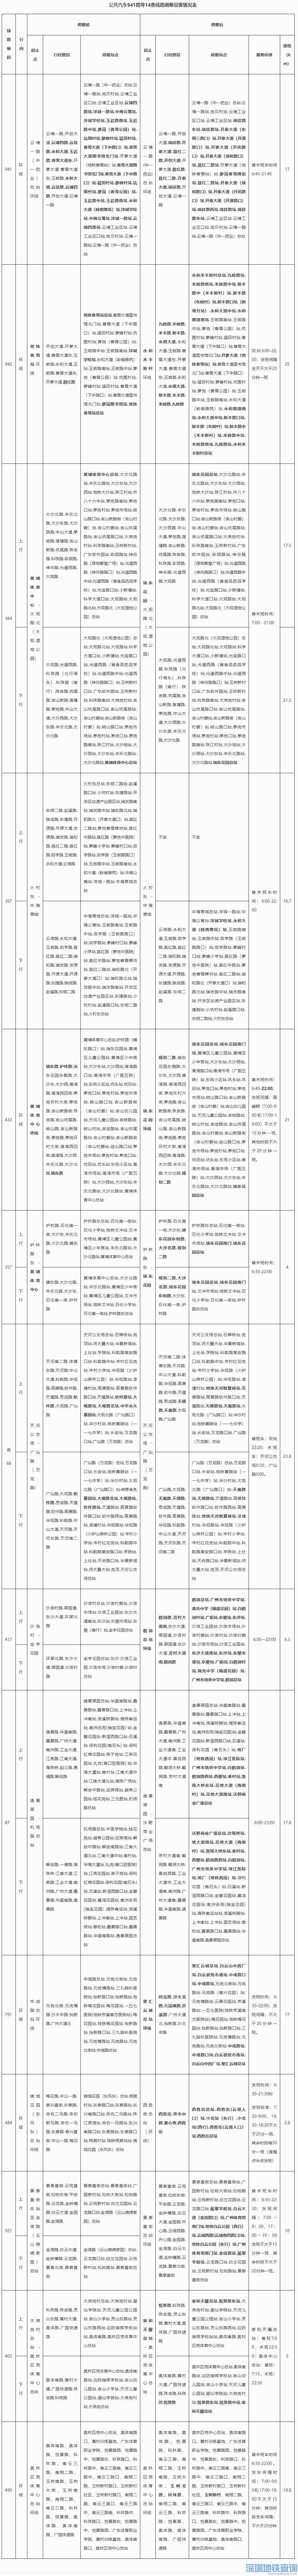 广州公交941路等14条线路2020年10月24日起将调整